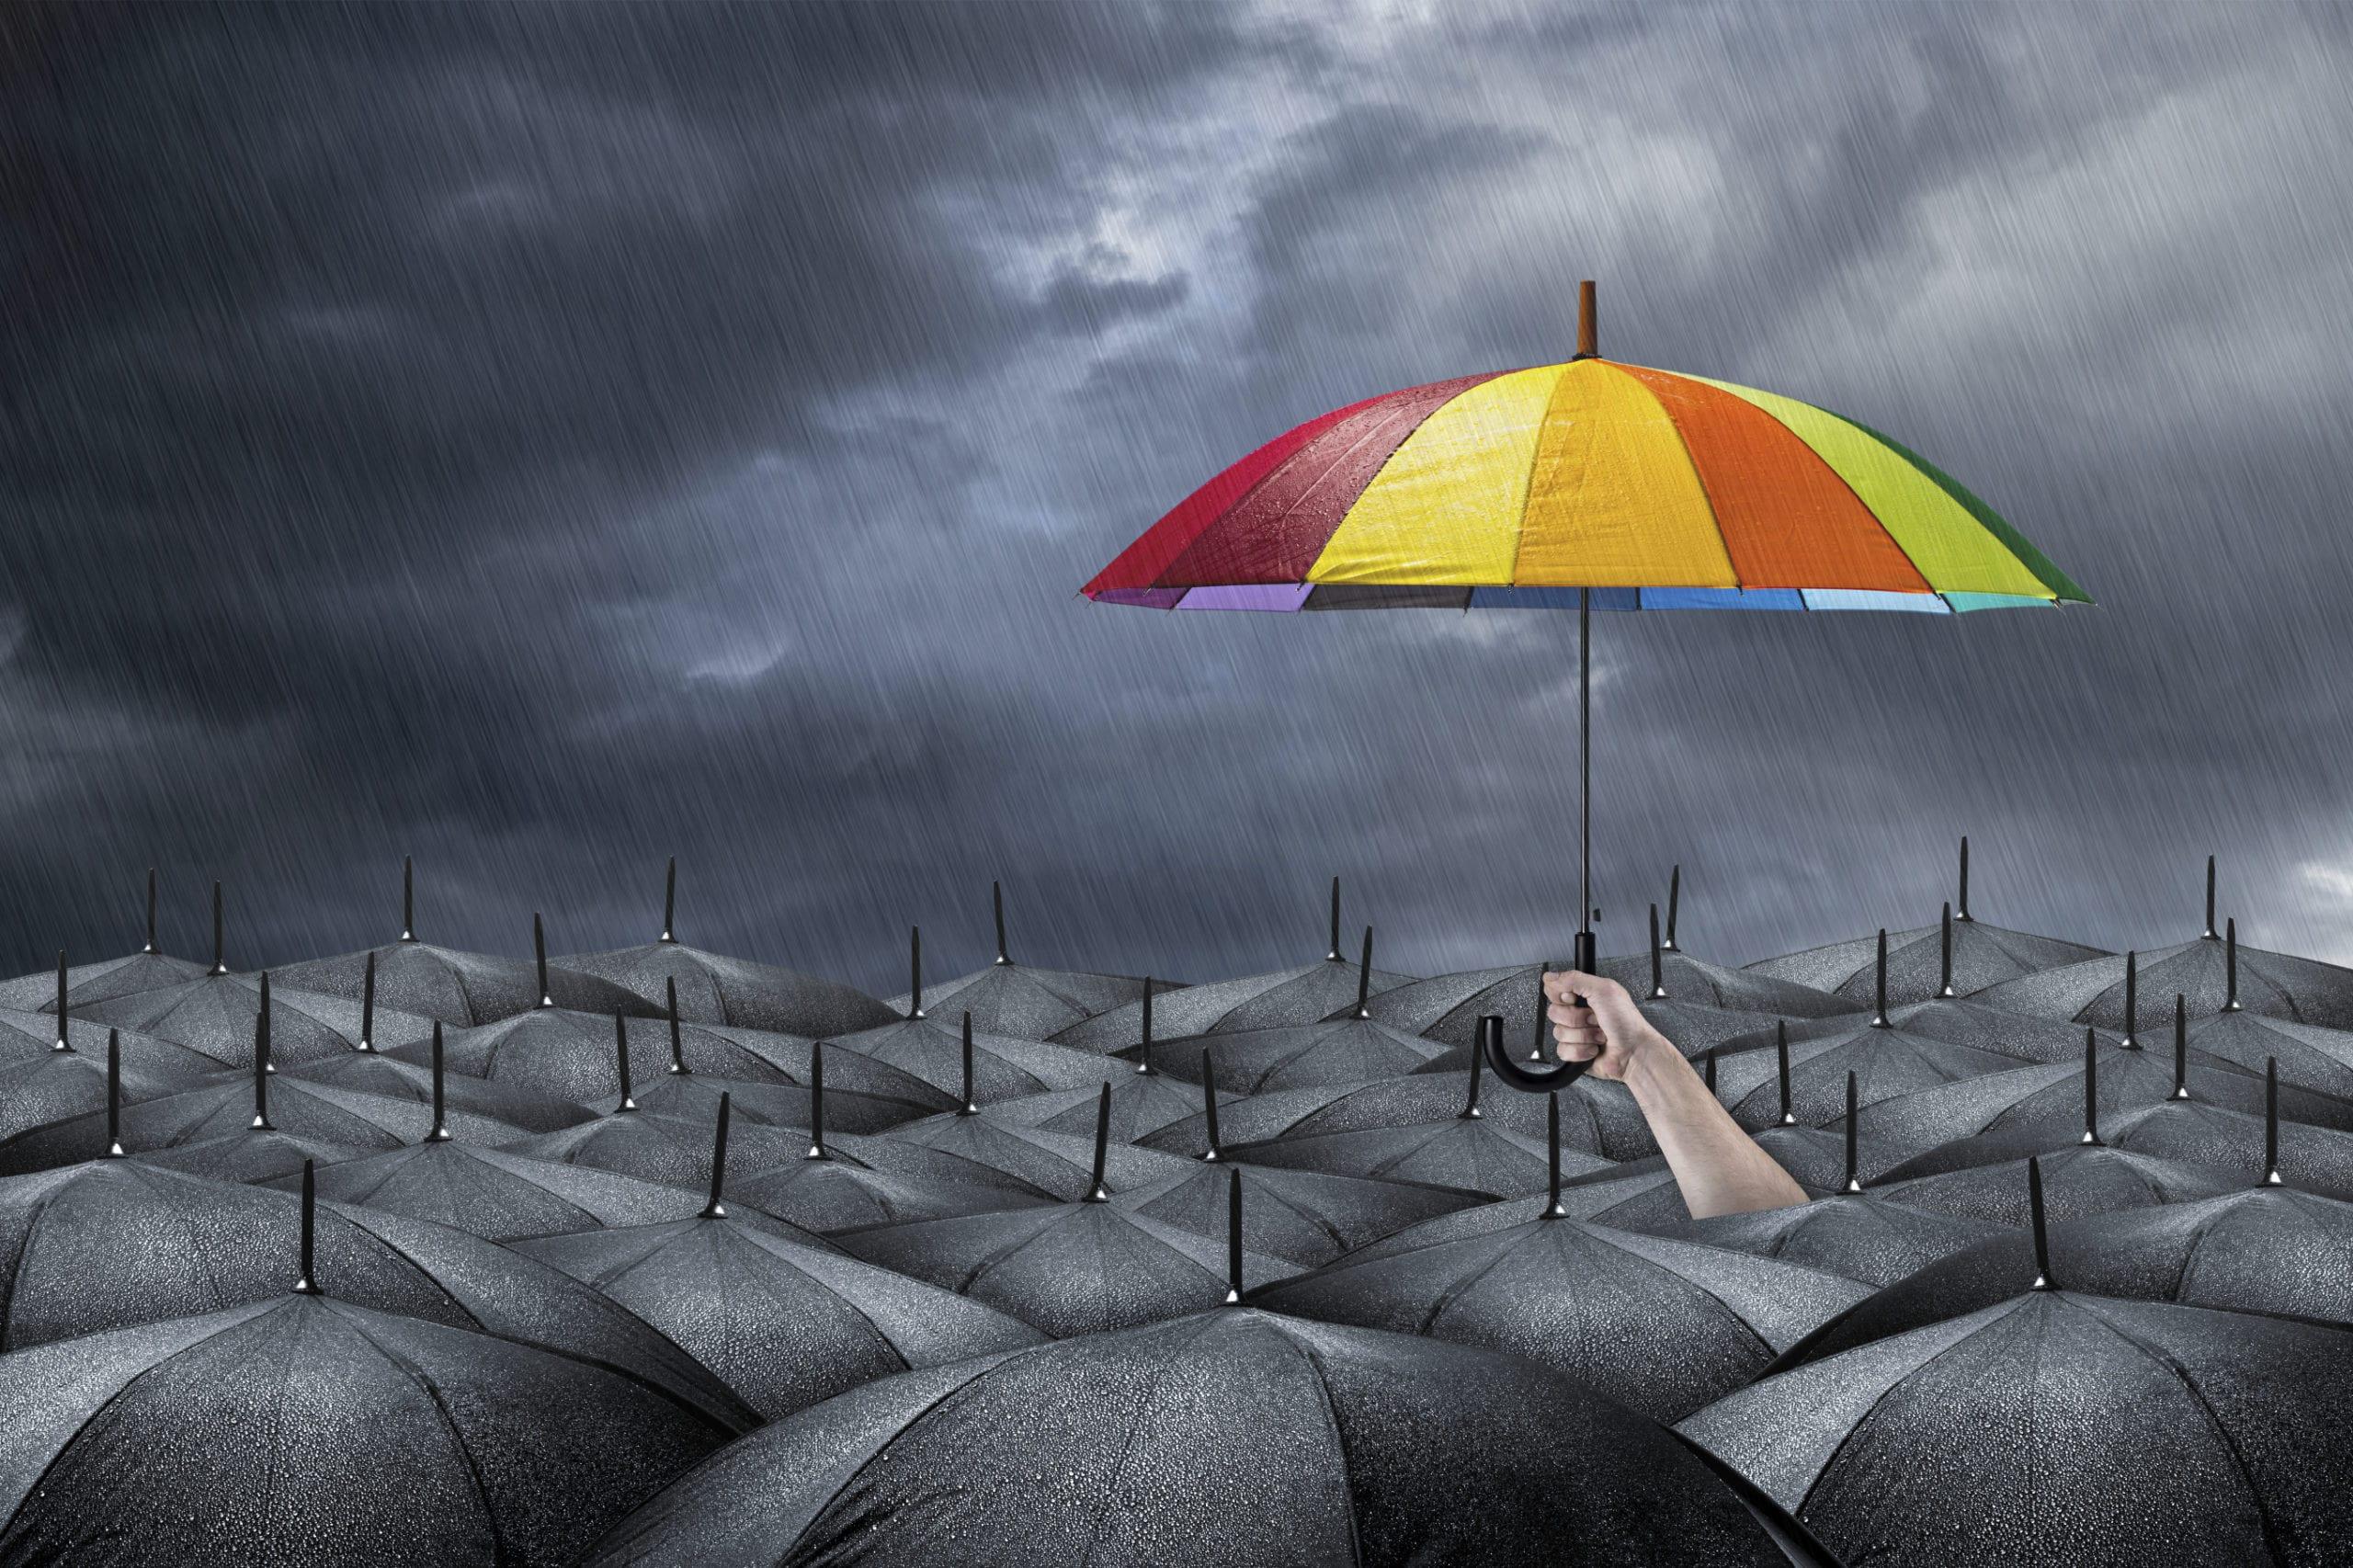 rainbow umbrella in mass of black umbrellas